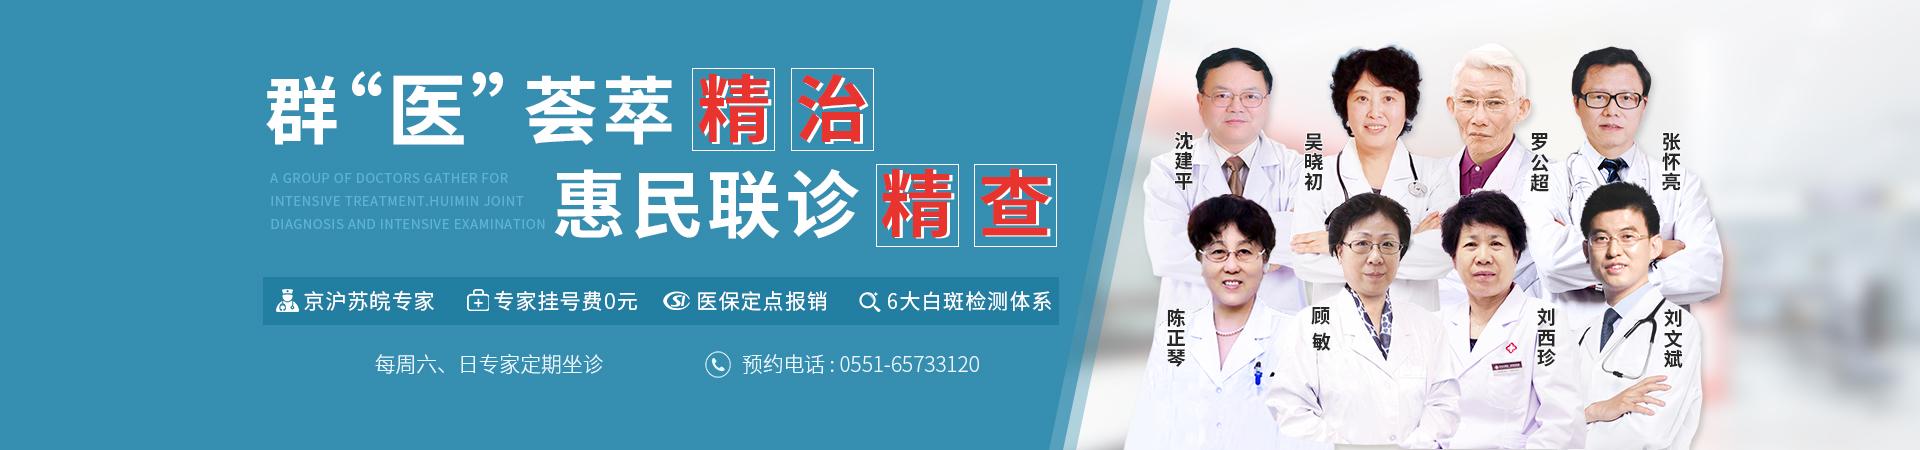 医生团队banner